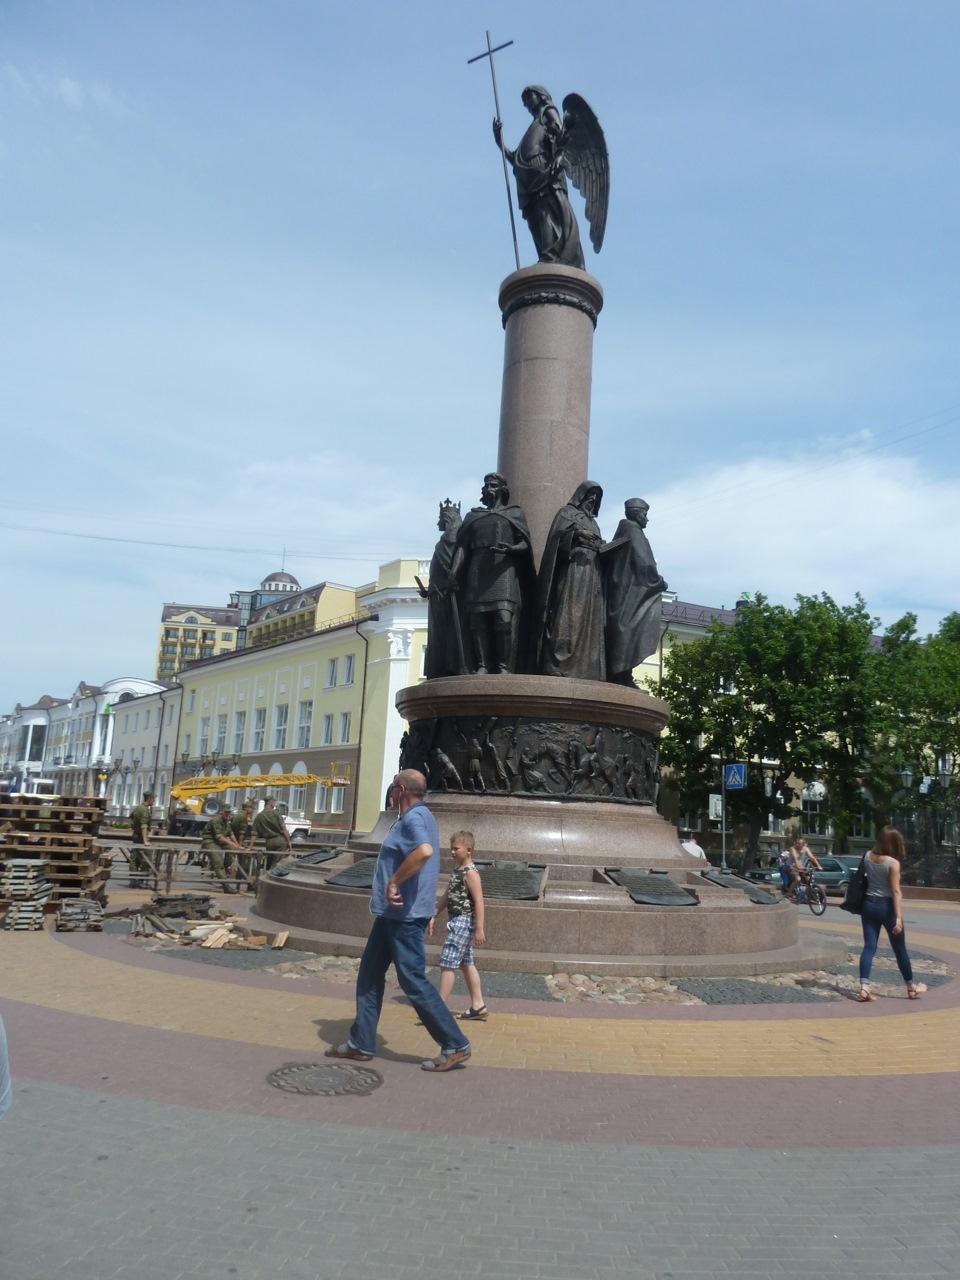 Купить памятник белгород бресте архитектурный или скульптурный памятник египта